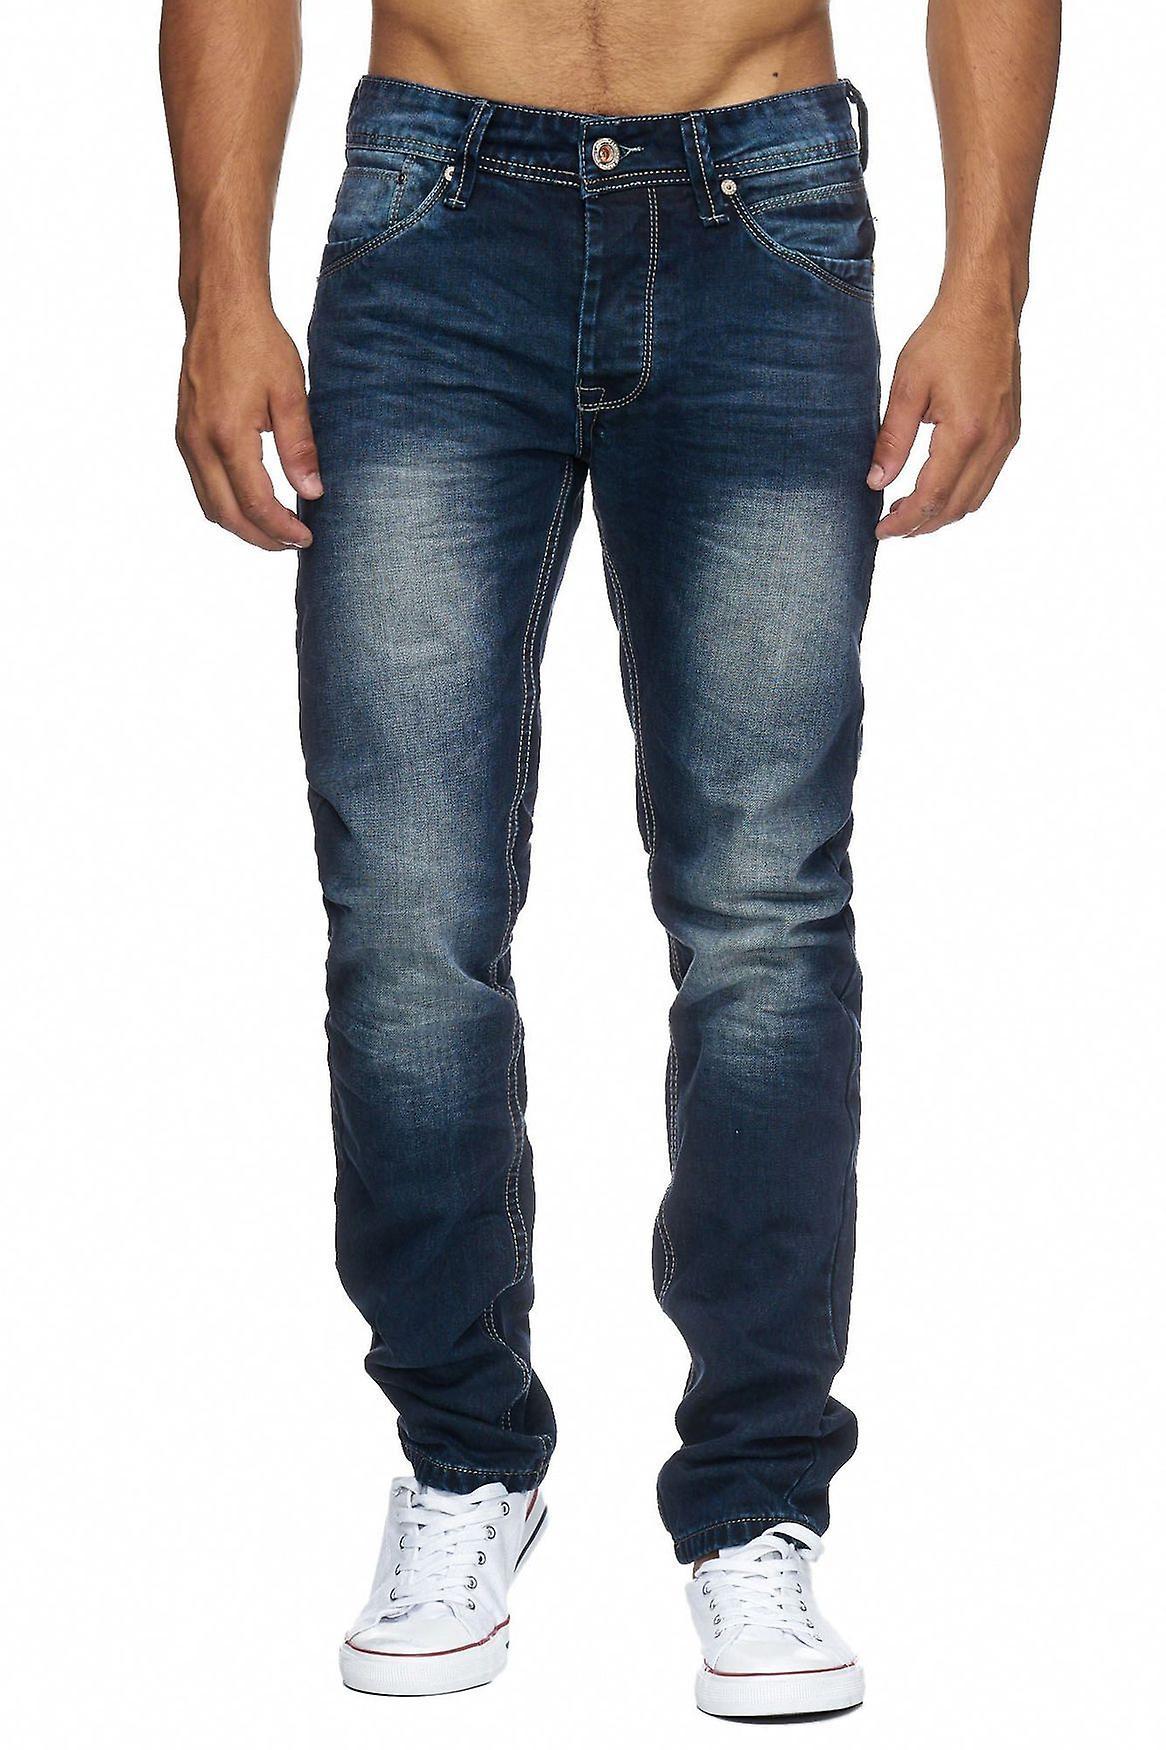 Mens Regular Fit Jeans Nr.1608 Stone Washed Denim Five Pocket Pants Straight